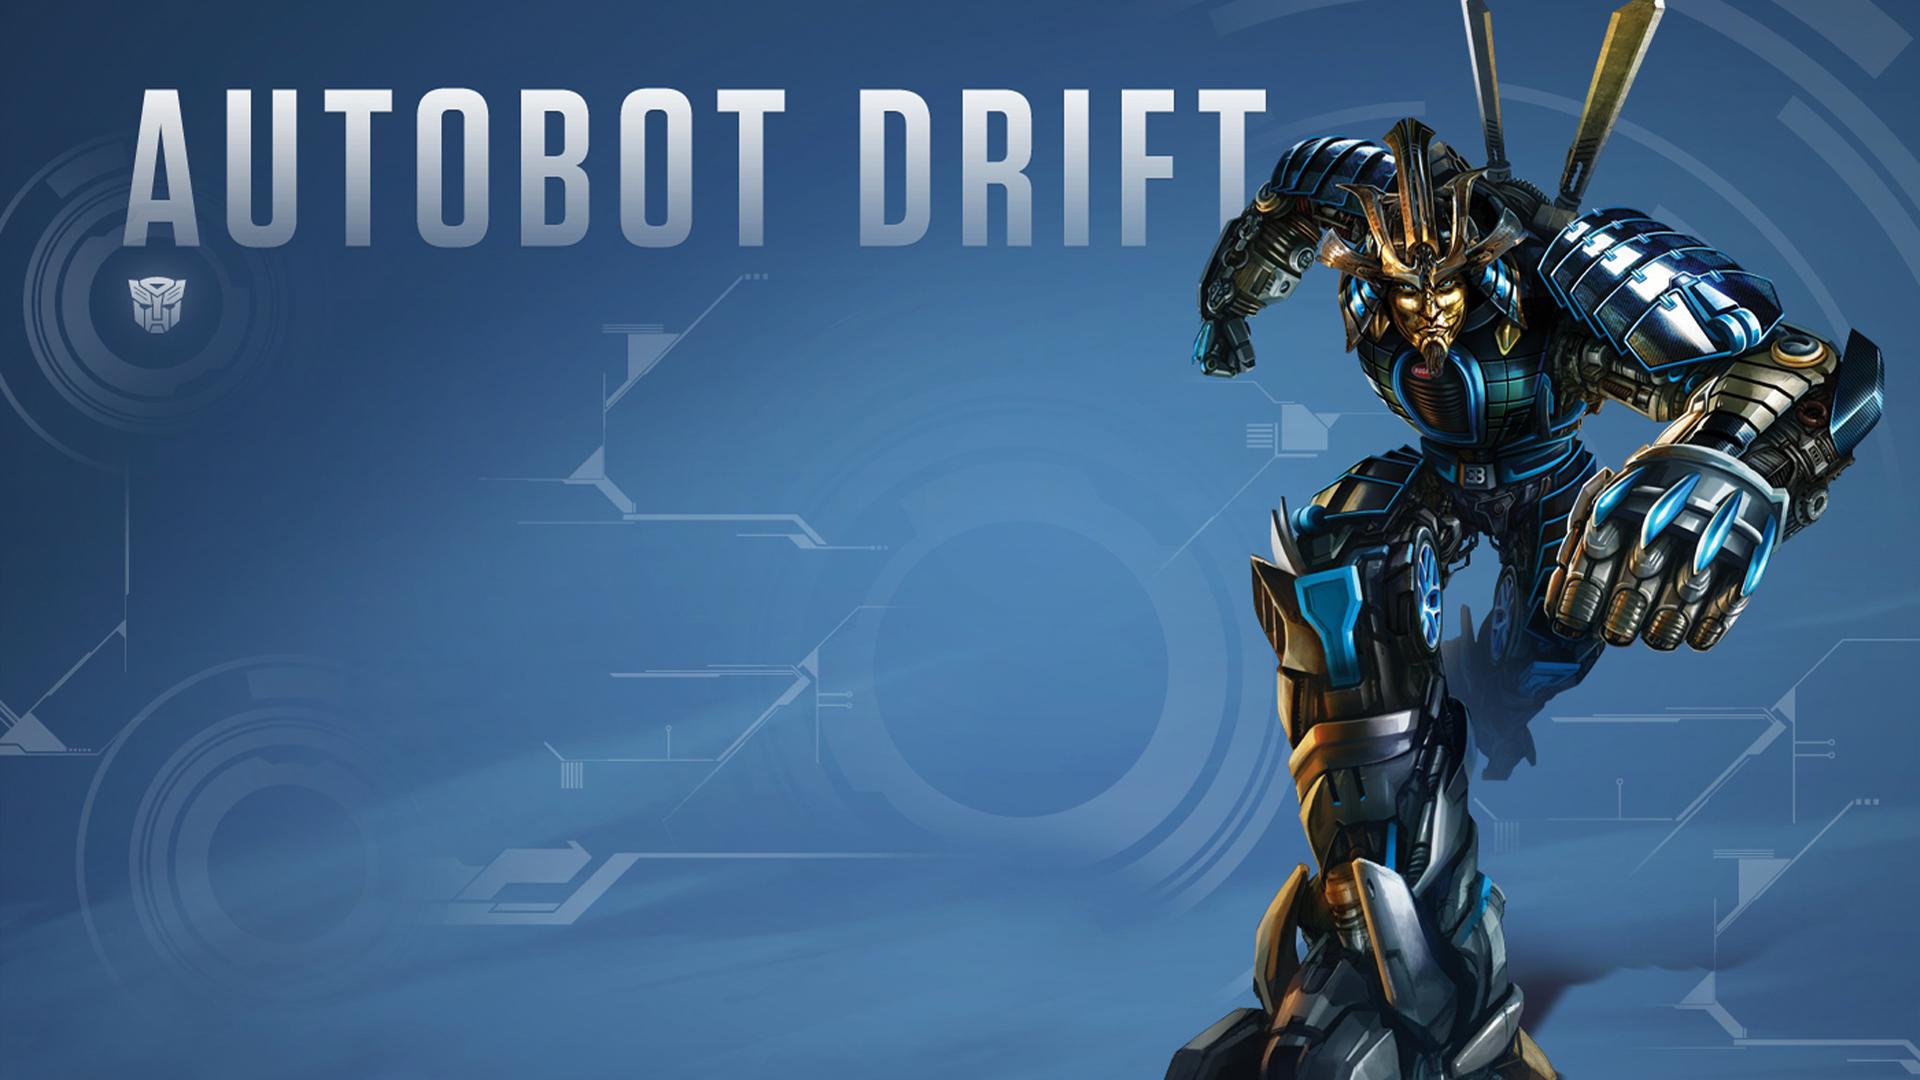 autobot drift transformers 4 wallpaper hd